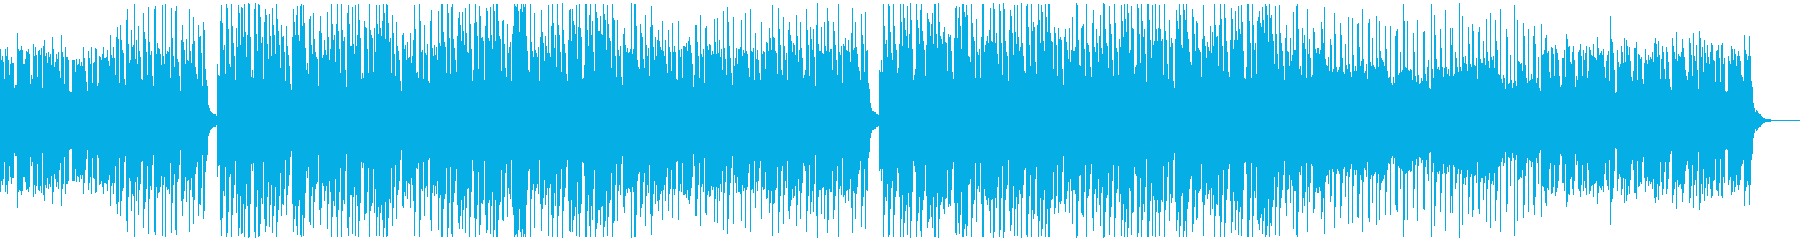 クールで都会的なシンセミュージックの再生済みの波形